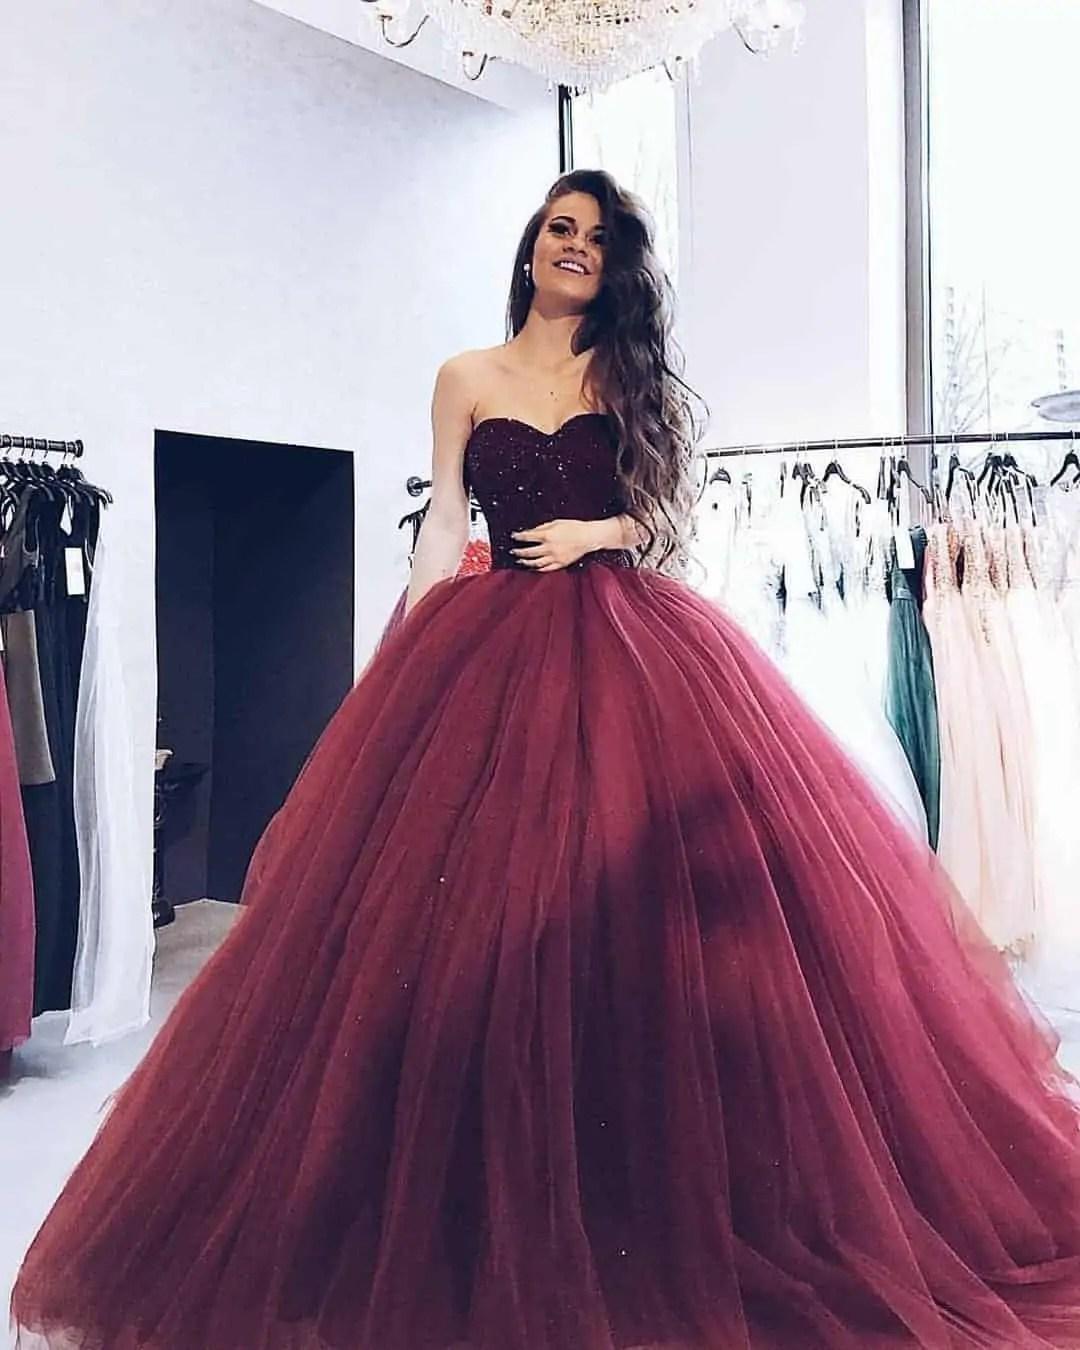 fashion_lover.66_134829378198098095298796502230472923977241n 5